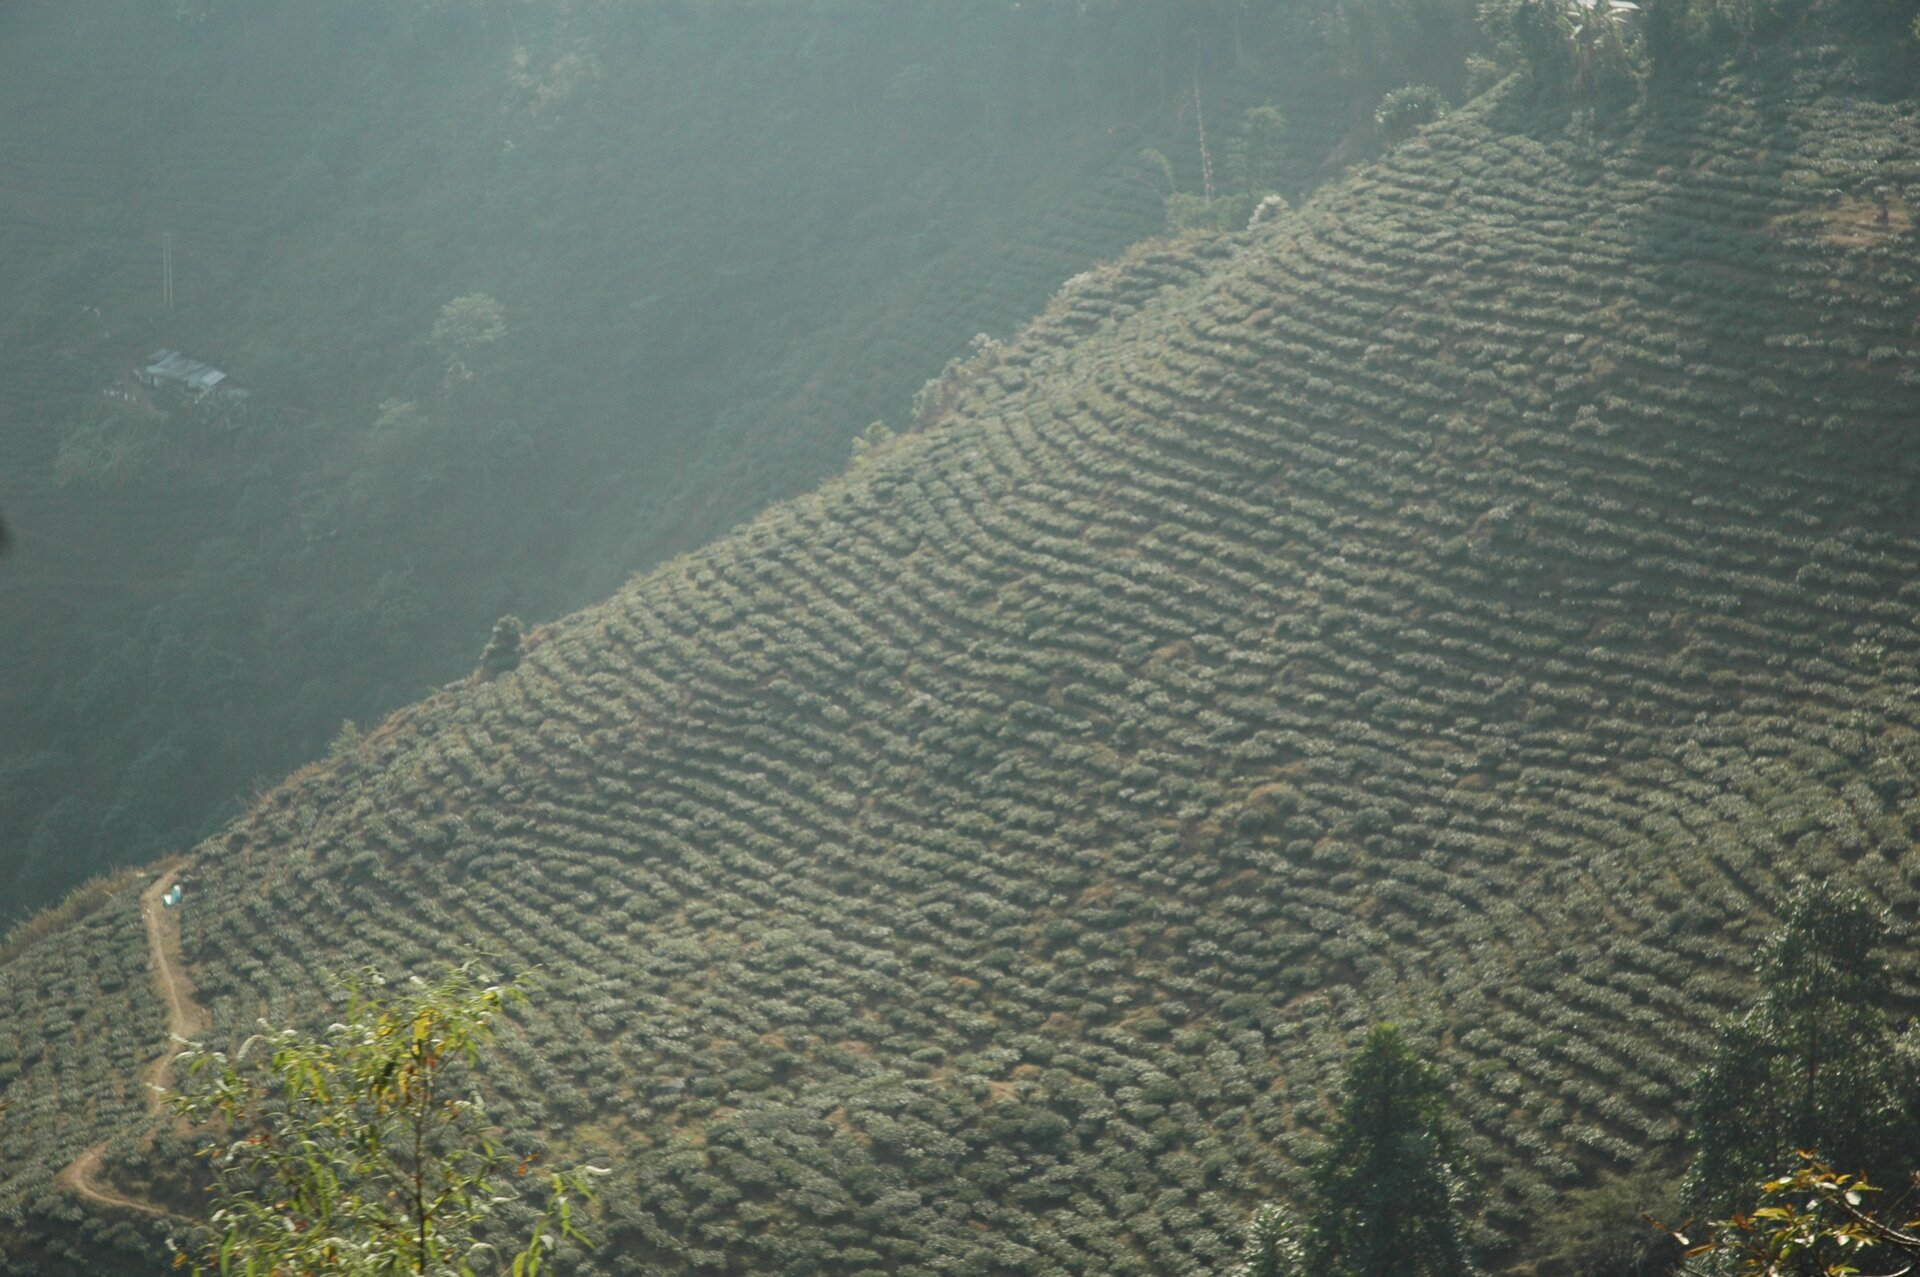 Na zdjęciu rozległe plantacje herbaty zajmujące cały łagodnie nachylony stok.